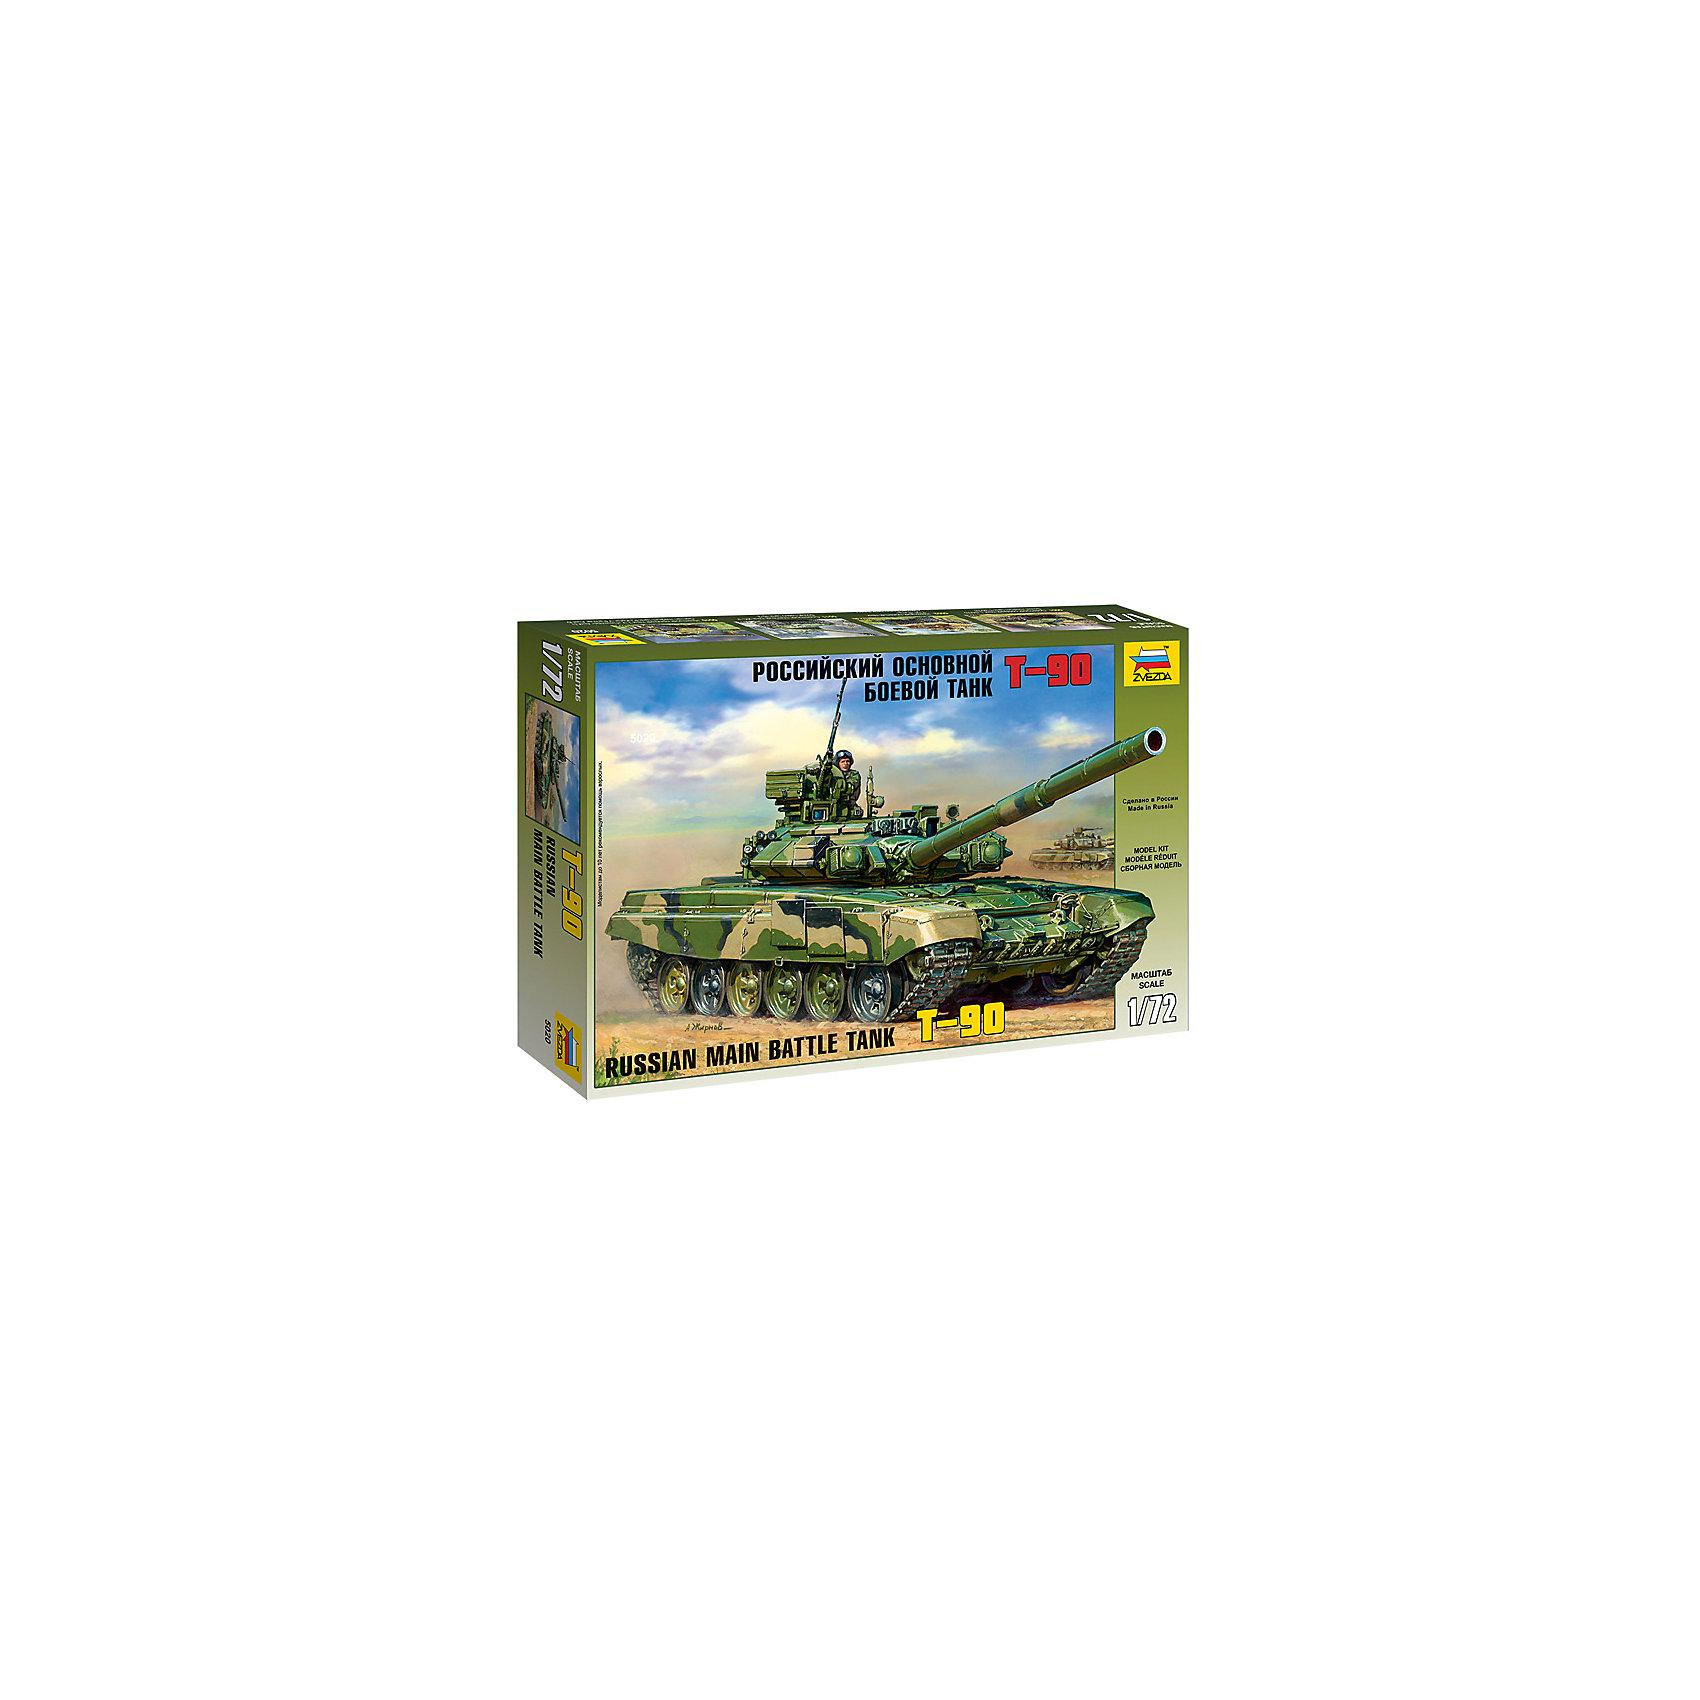 Сборная модель Звезда Российский основной боевой танк Т-90, 1:72Модели для склеивания<br>Модель сборная. Российский танк Т-90<br><br>Ширина мм: 304<br>Глубина мм: 205<br>Высота мм: 50<br>Вес г: 250<br>Возраст от месяцев: 36<br>Возраст до месяцев: 180<br>Пол: Мужской<br>Возраст: Детский<br>SKU: 7086447